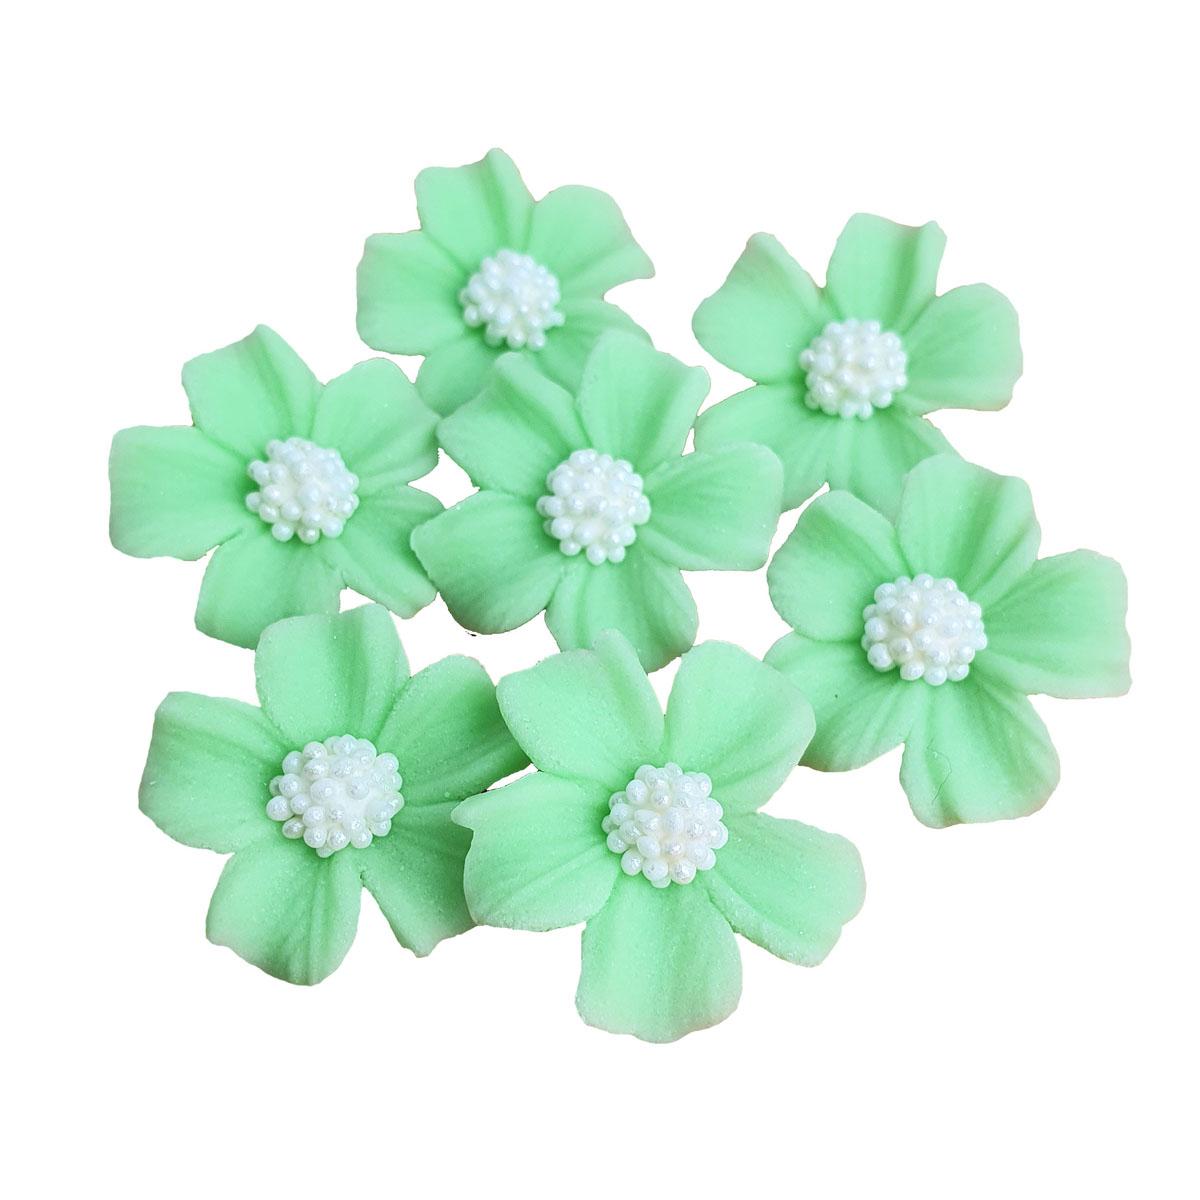 Zuckerblumen Vergissmeinnicht 8 Stück - Pistazie